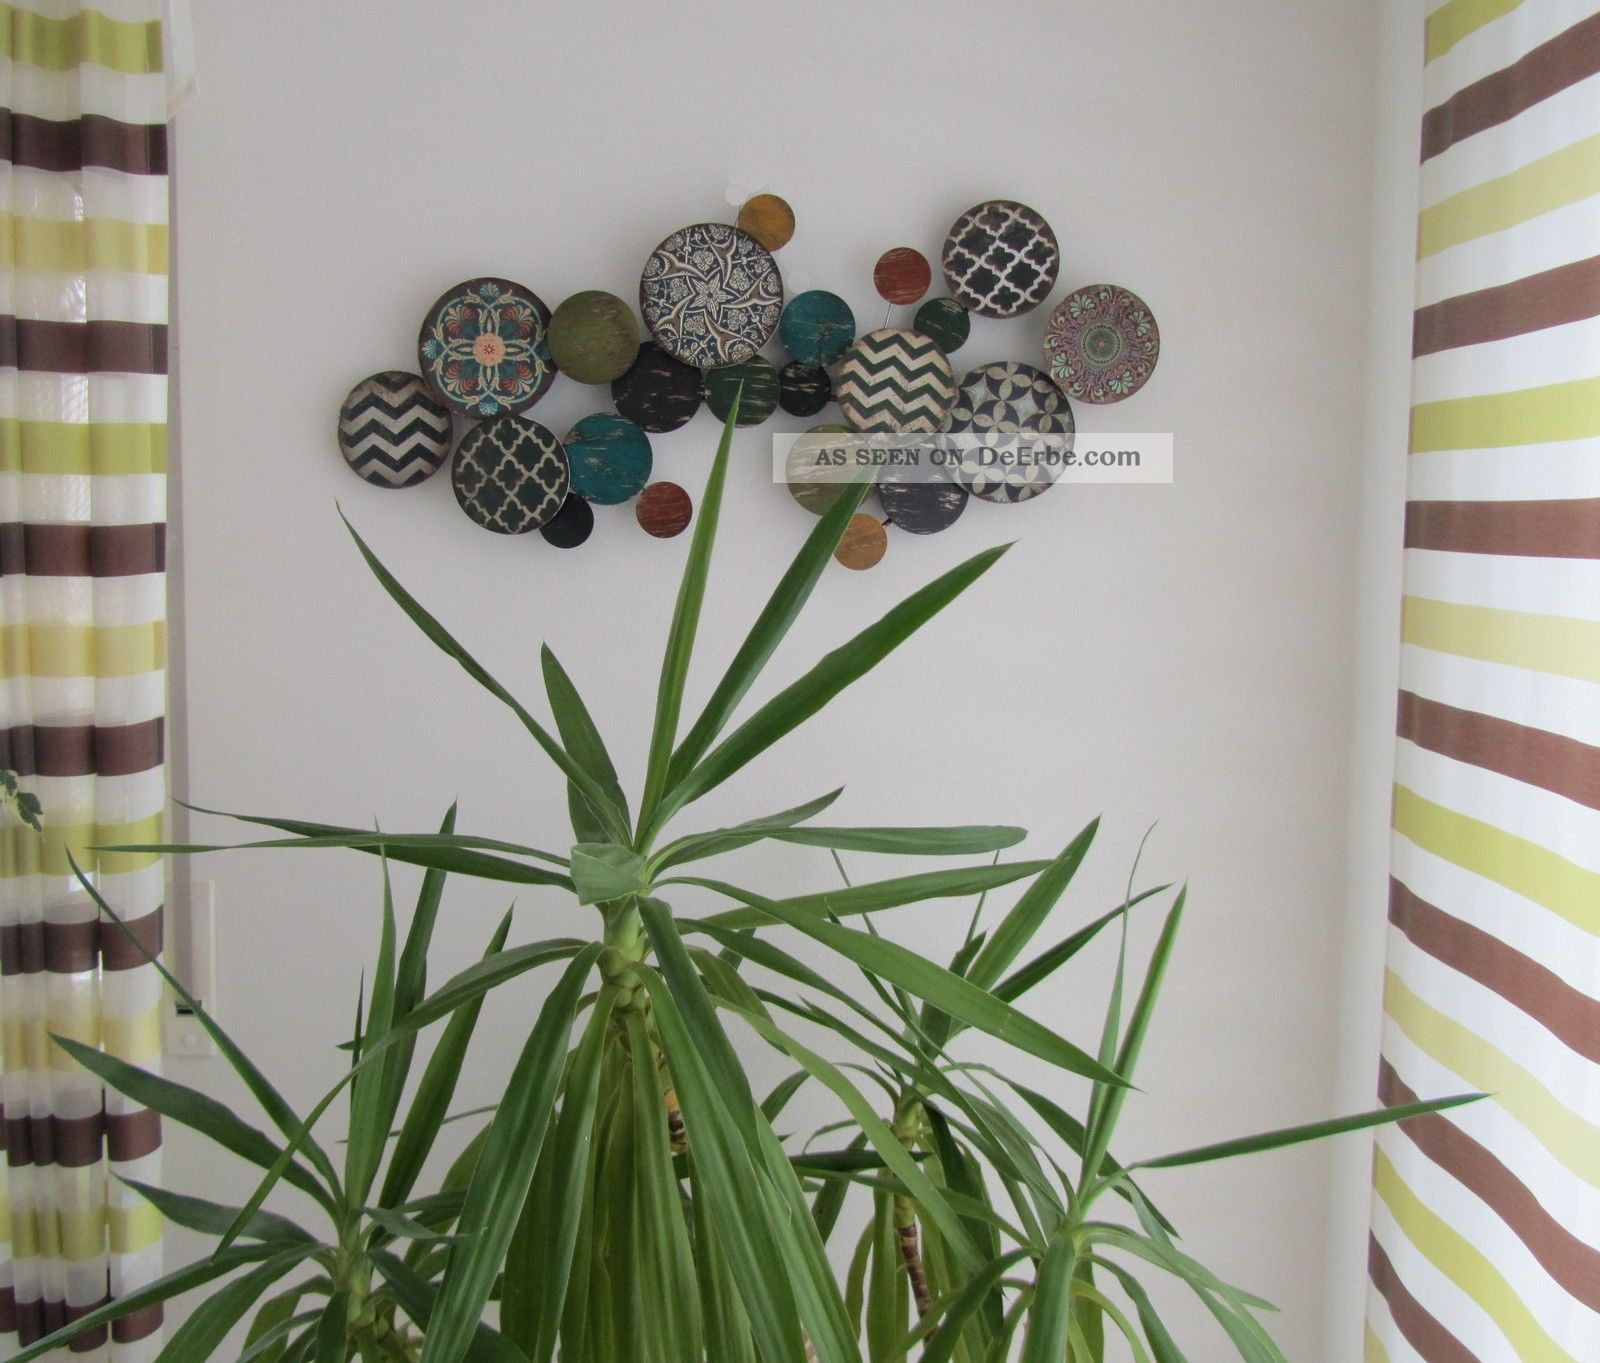 Wanddeko design metall ihr traumhaus ideen - Wanddeko metall abstrakt ...